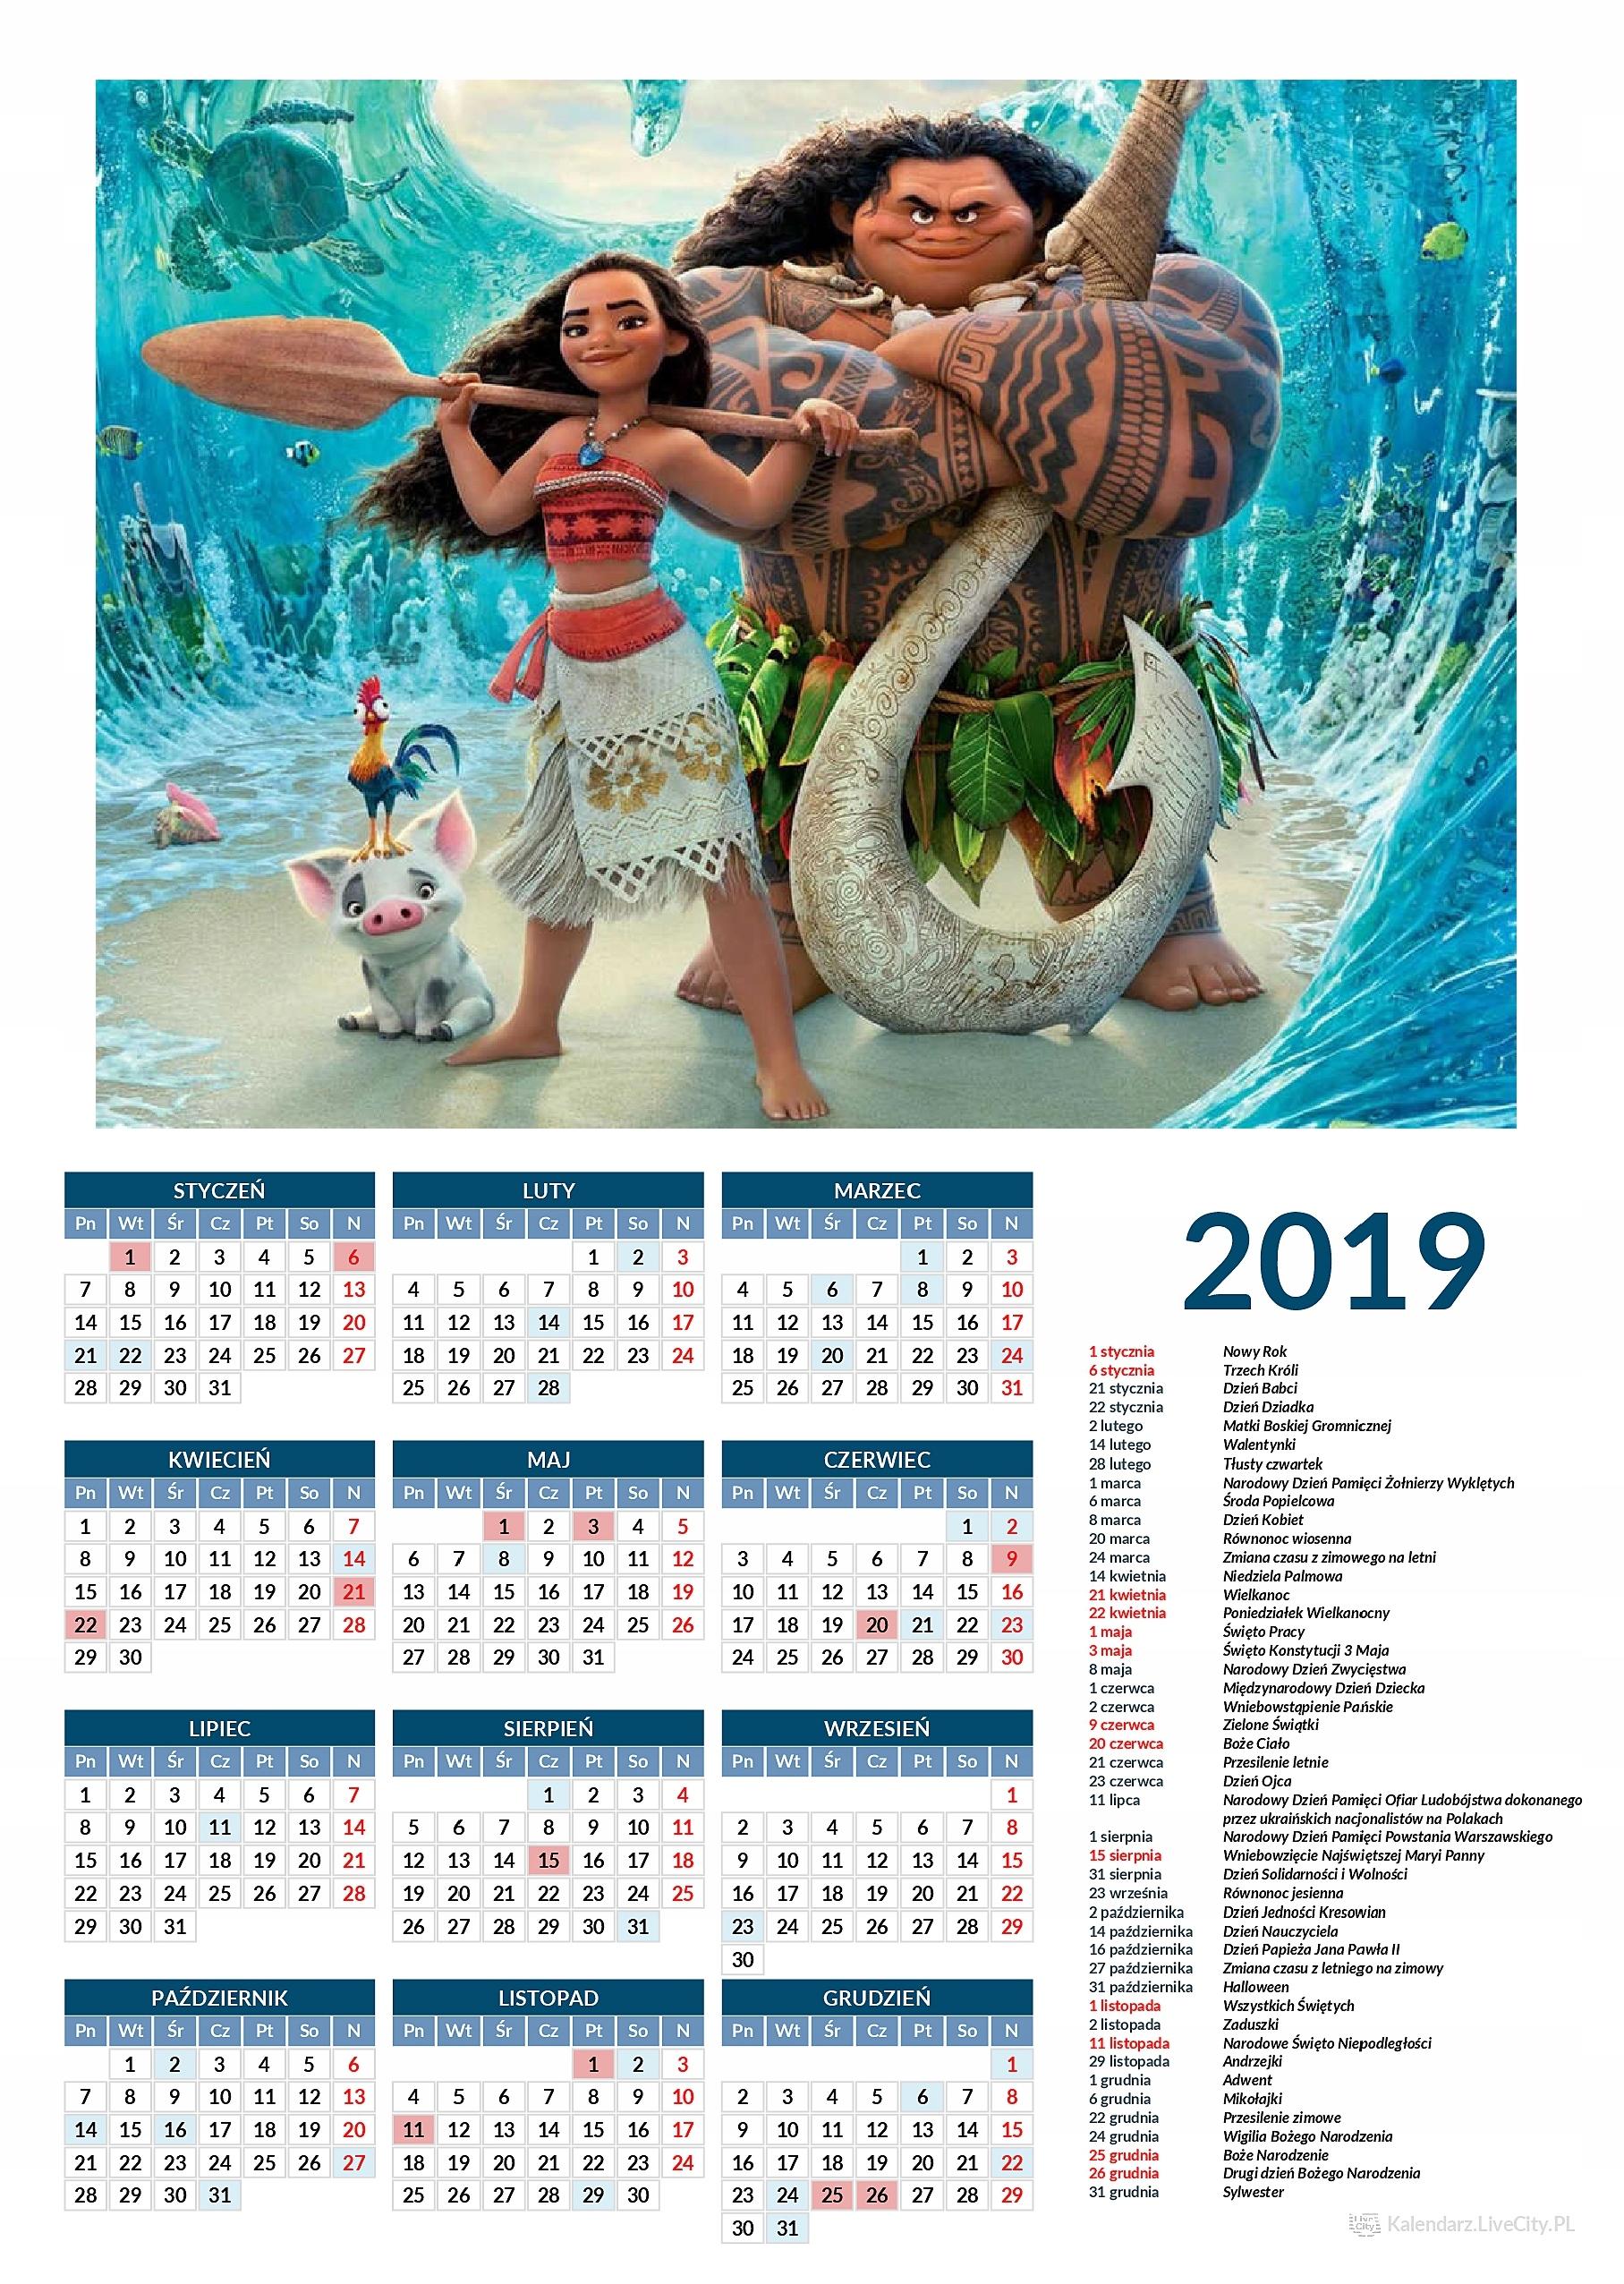 Kalendarz 2019 film Vaiana Skarb oceanu